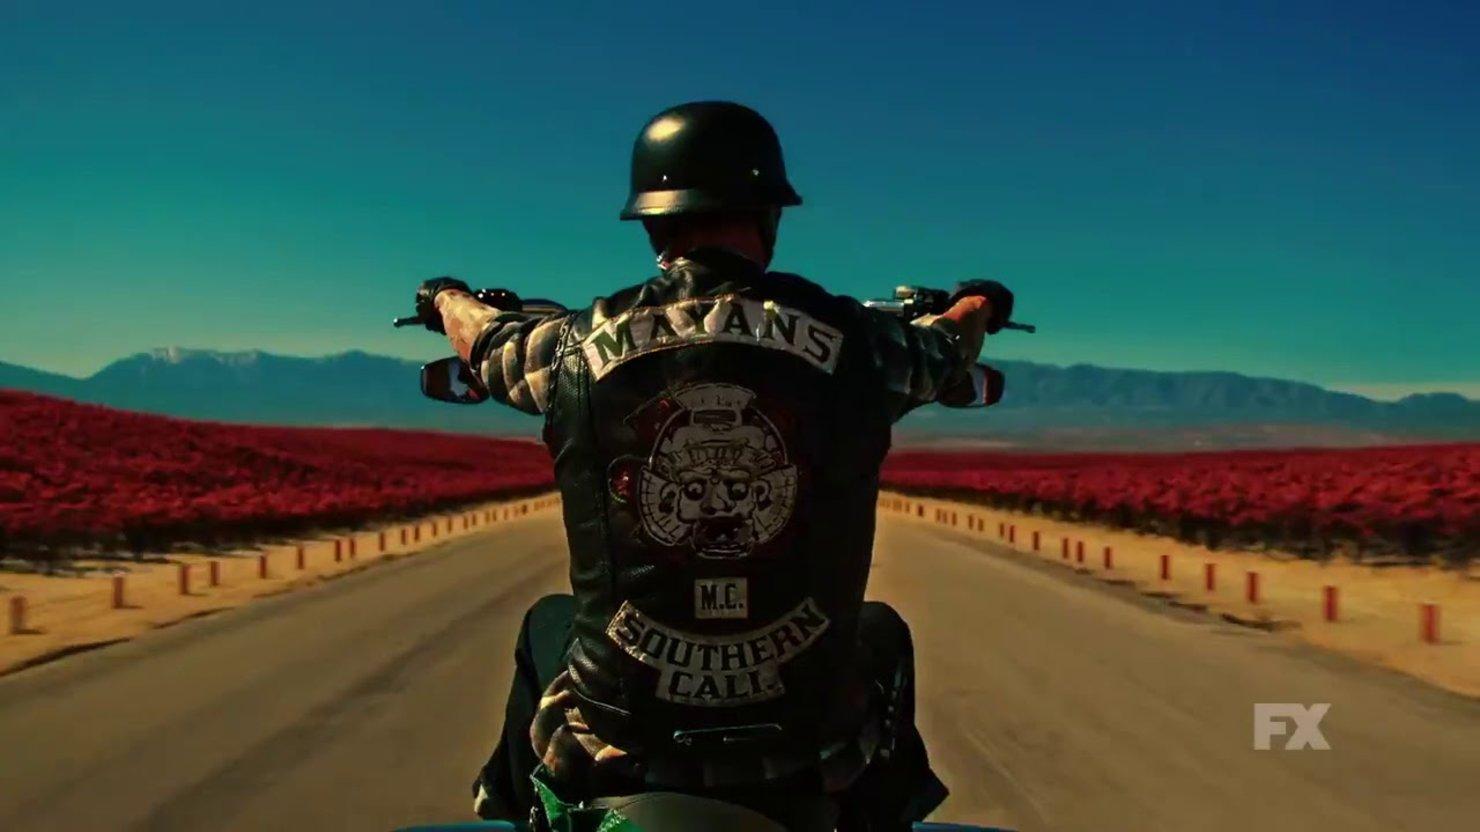 Vier Jahre ist es nun her dass die BikerSerie Sons Of Anarchy zu Ende ging doch das langerwartete Spinoff Mayans MC